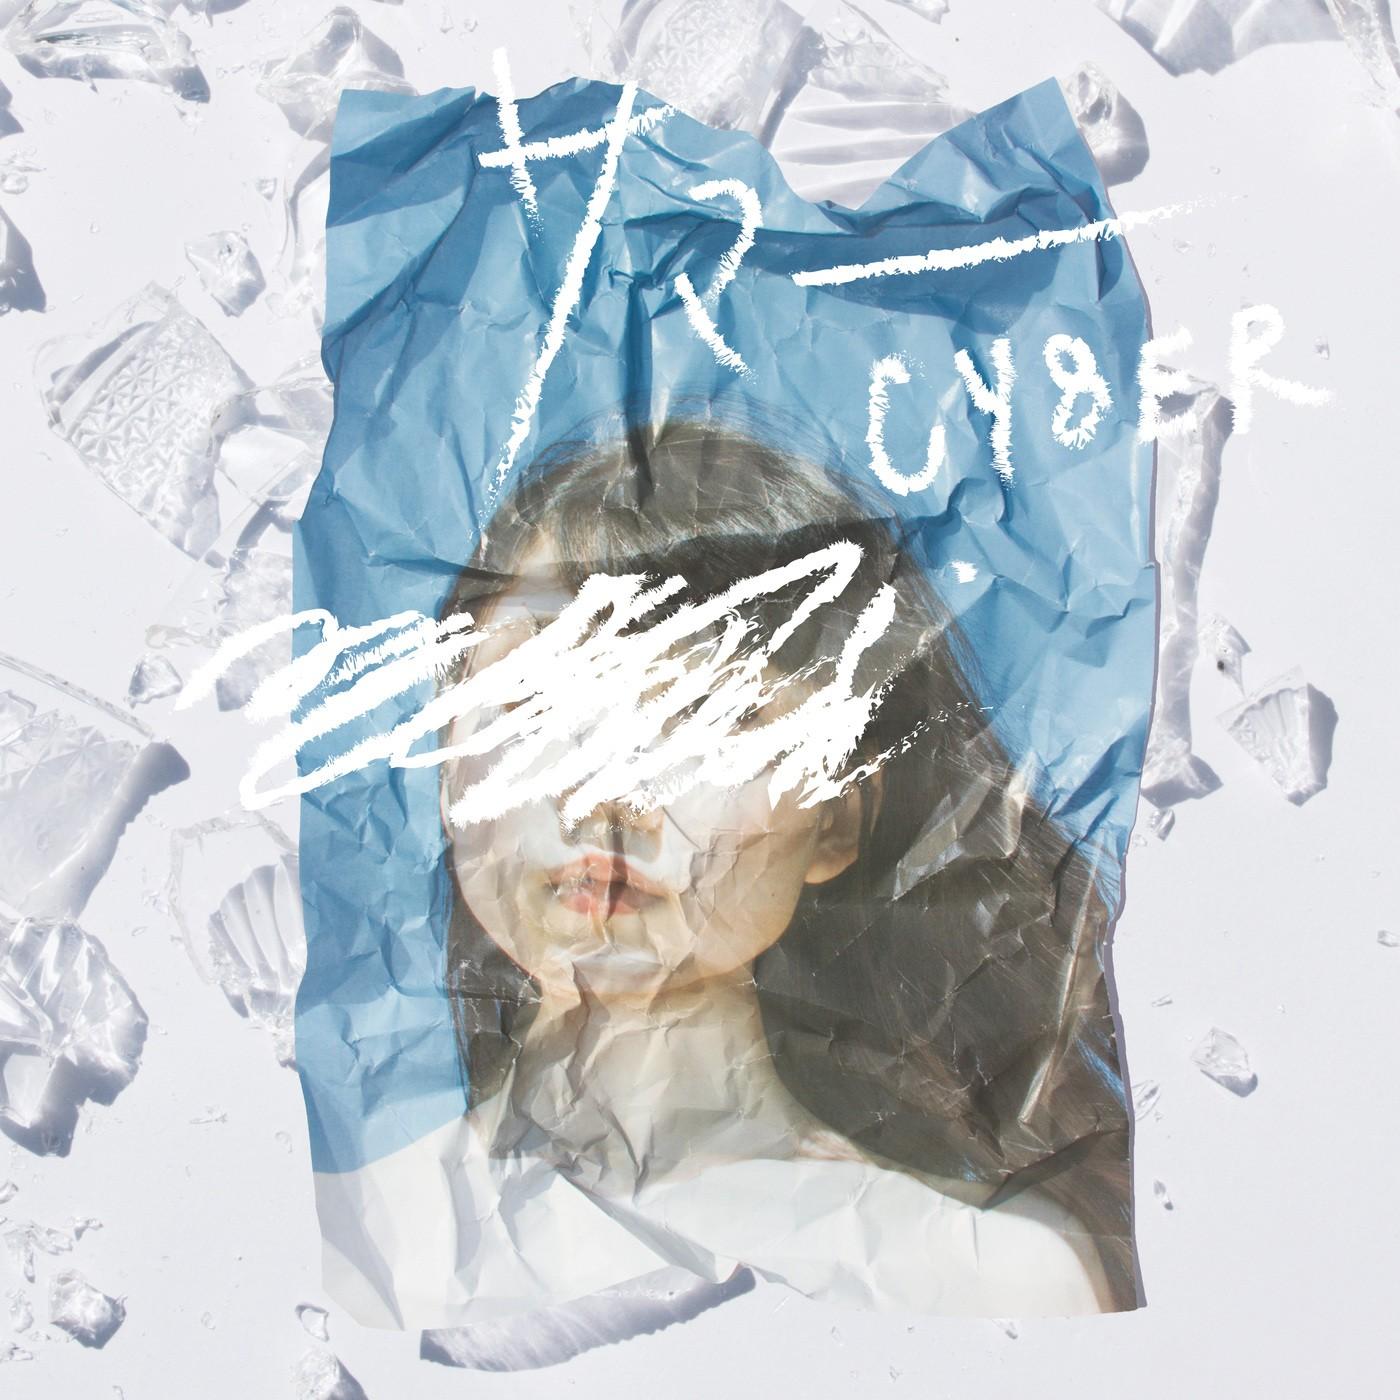 CY8ER – サマー / さよならフラッシュバック [FLAC + MP3 320 / WEB] [2019.04.23]